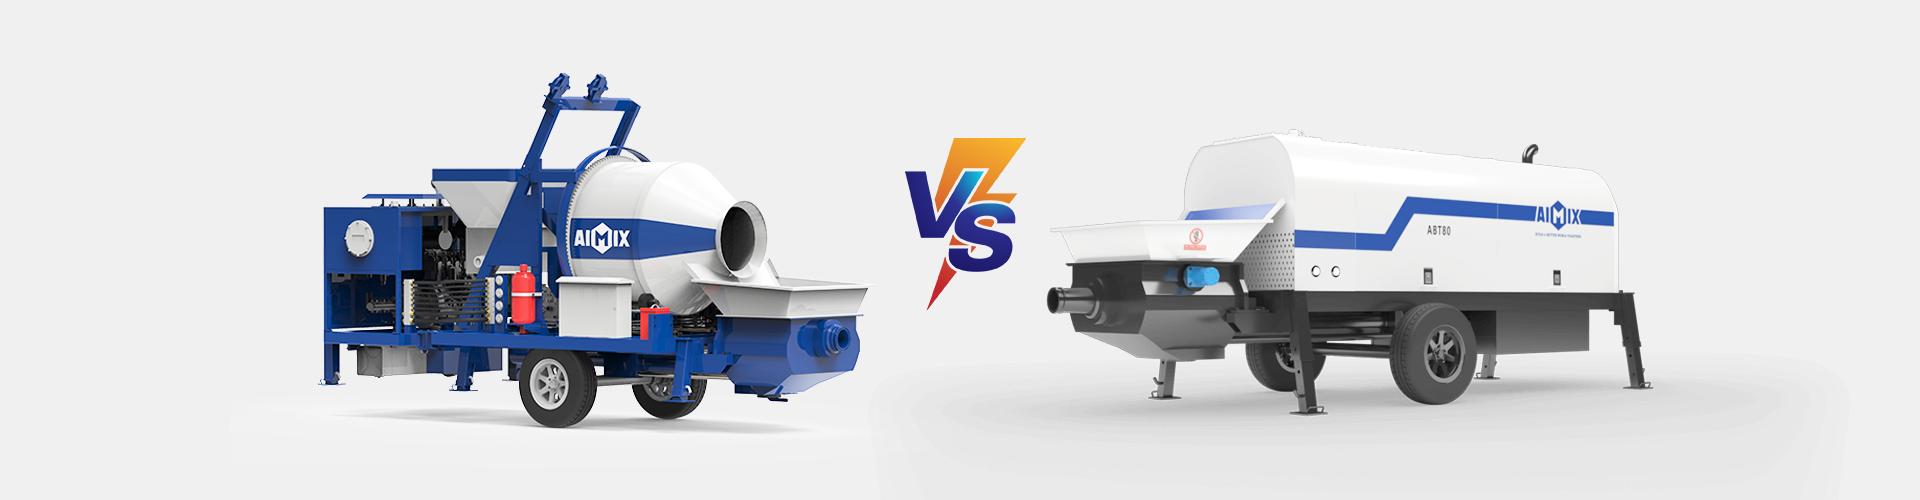 concrete mixer pump compares with trailer concrete pump